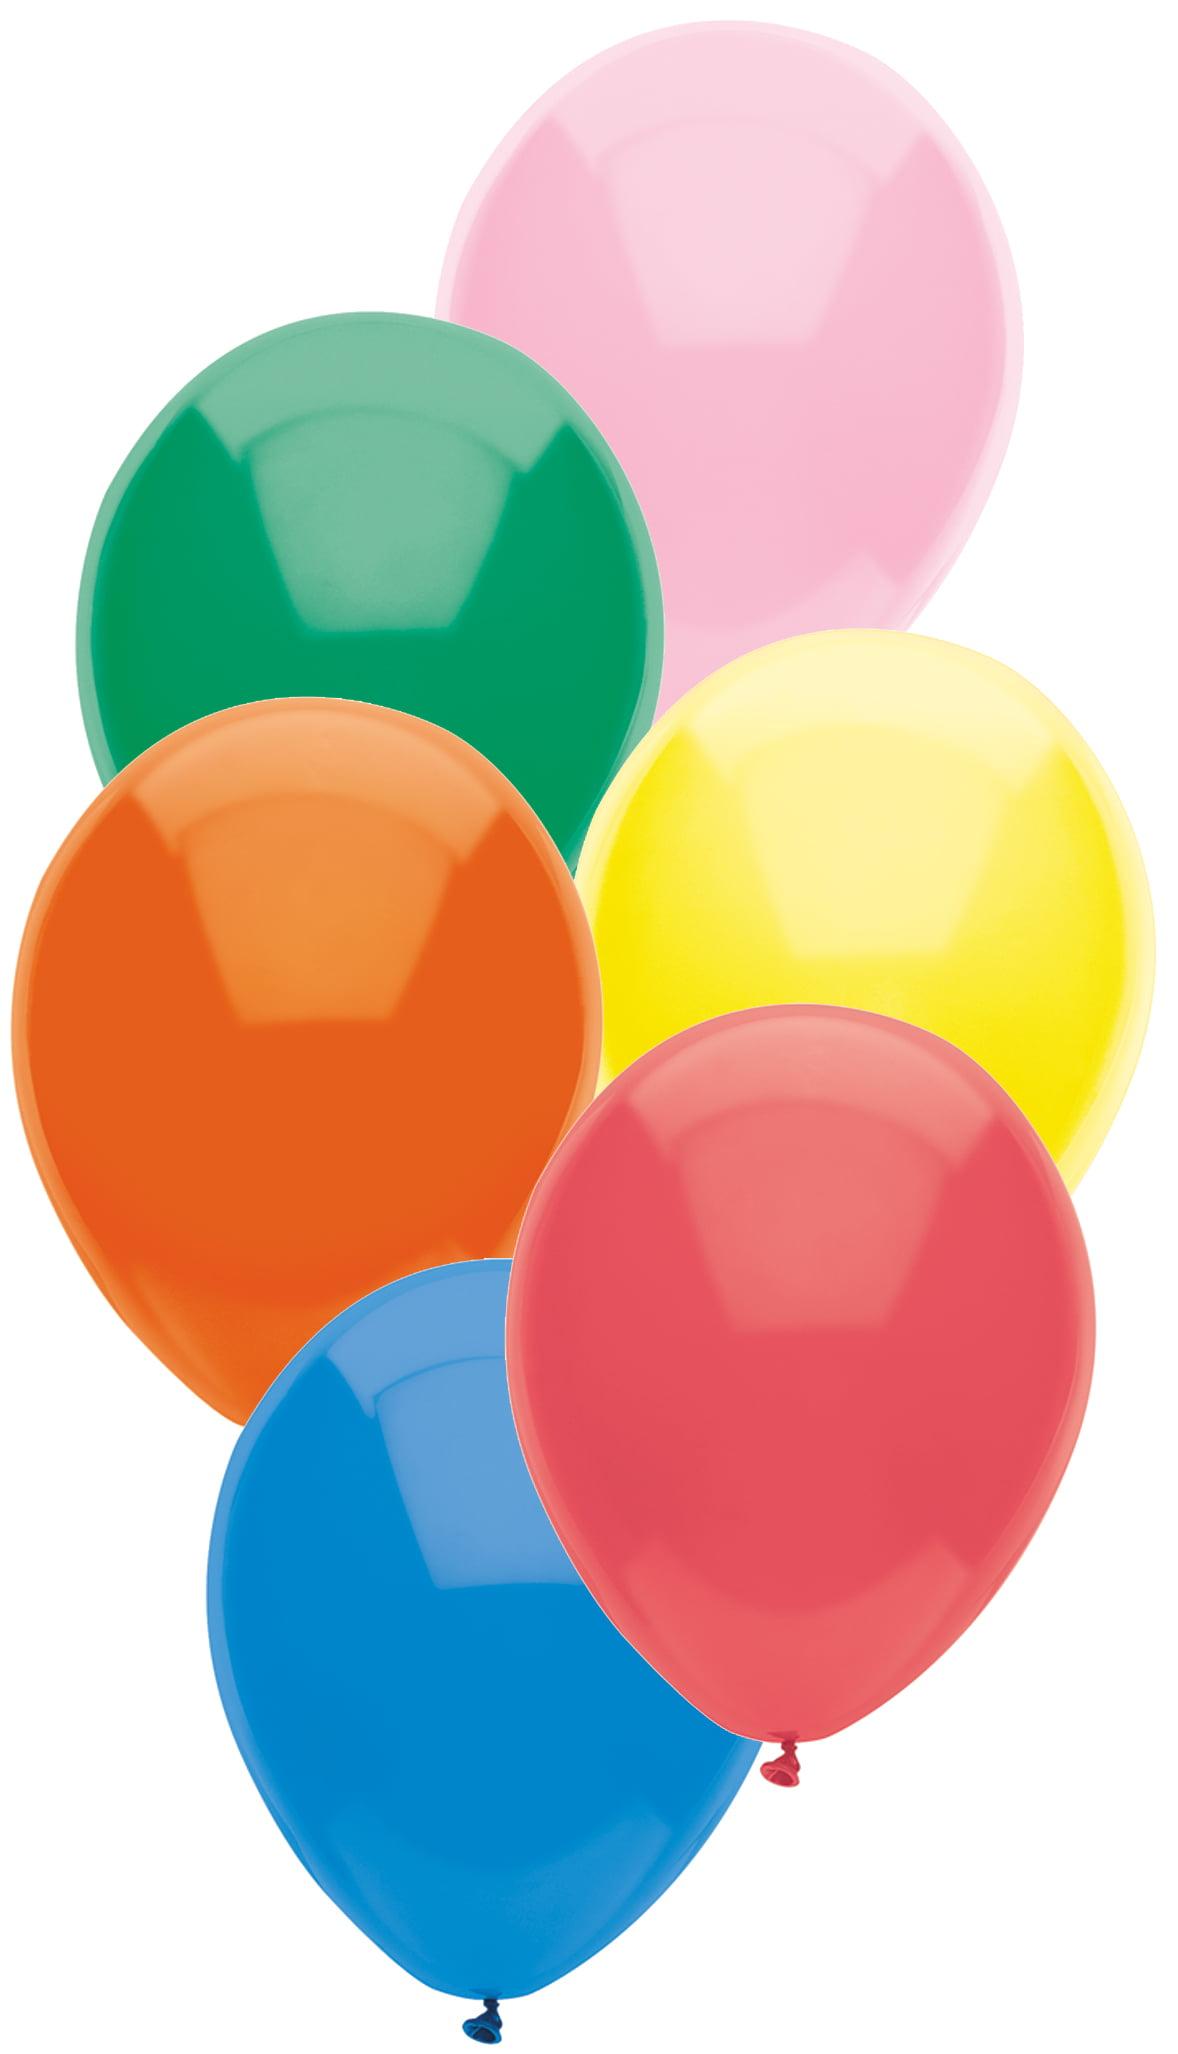 Multicolored 43 Betallic Foil Balloon 85903 ZEBRA